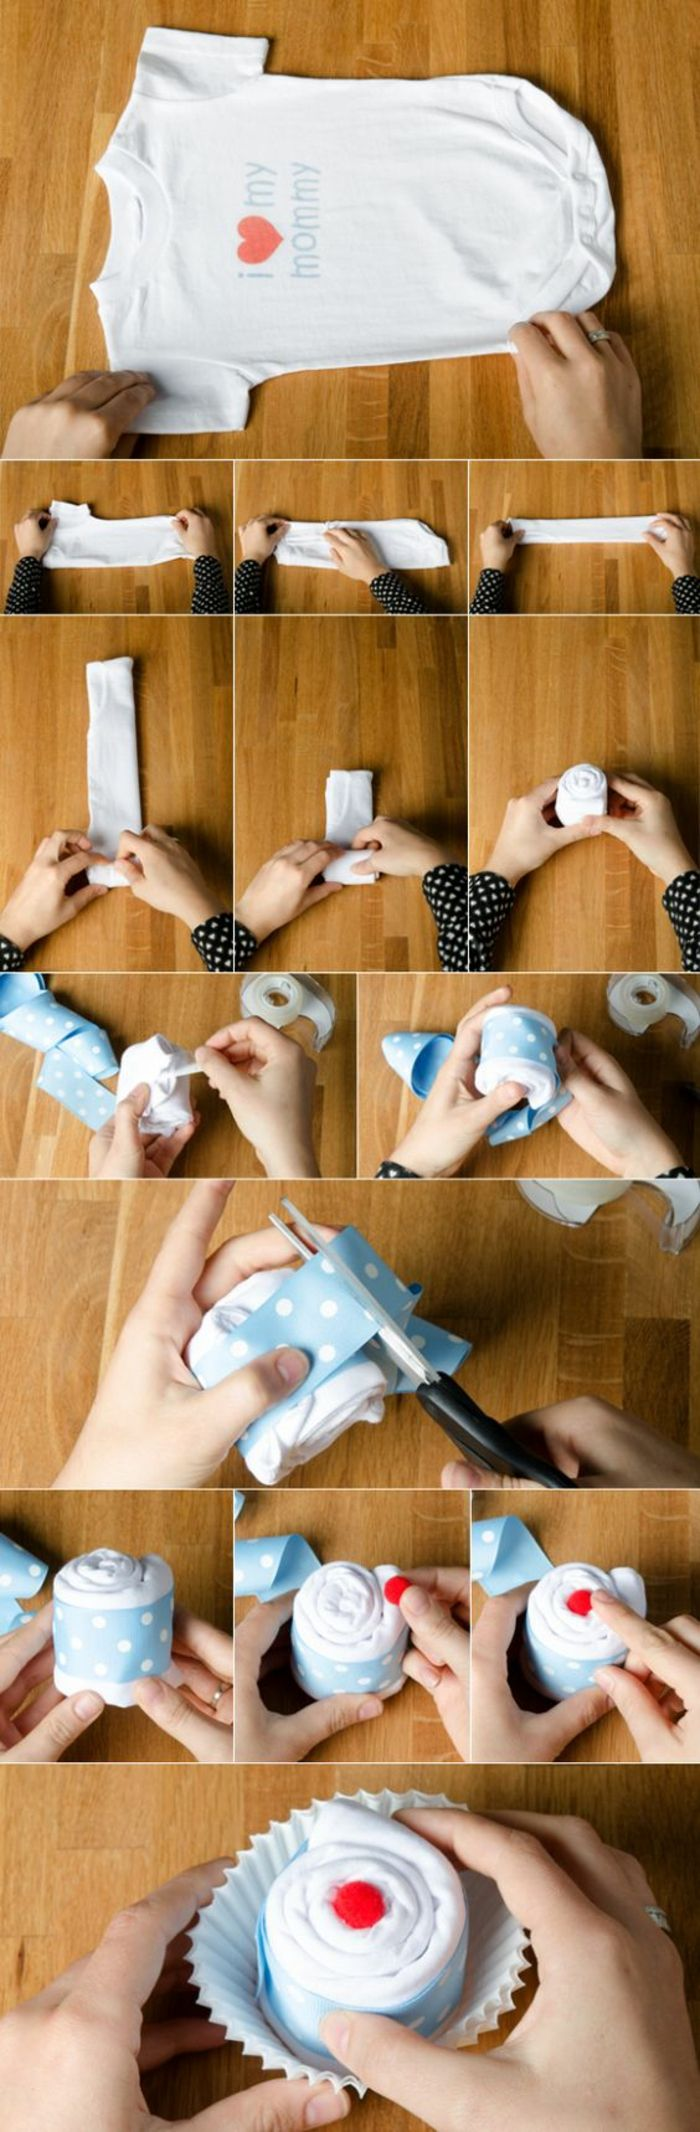 tuto pour réaliser des bodies cupcakes, idées de cadeau pour une baby shower fille ou garçon